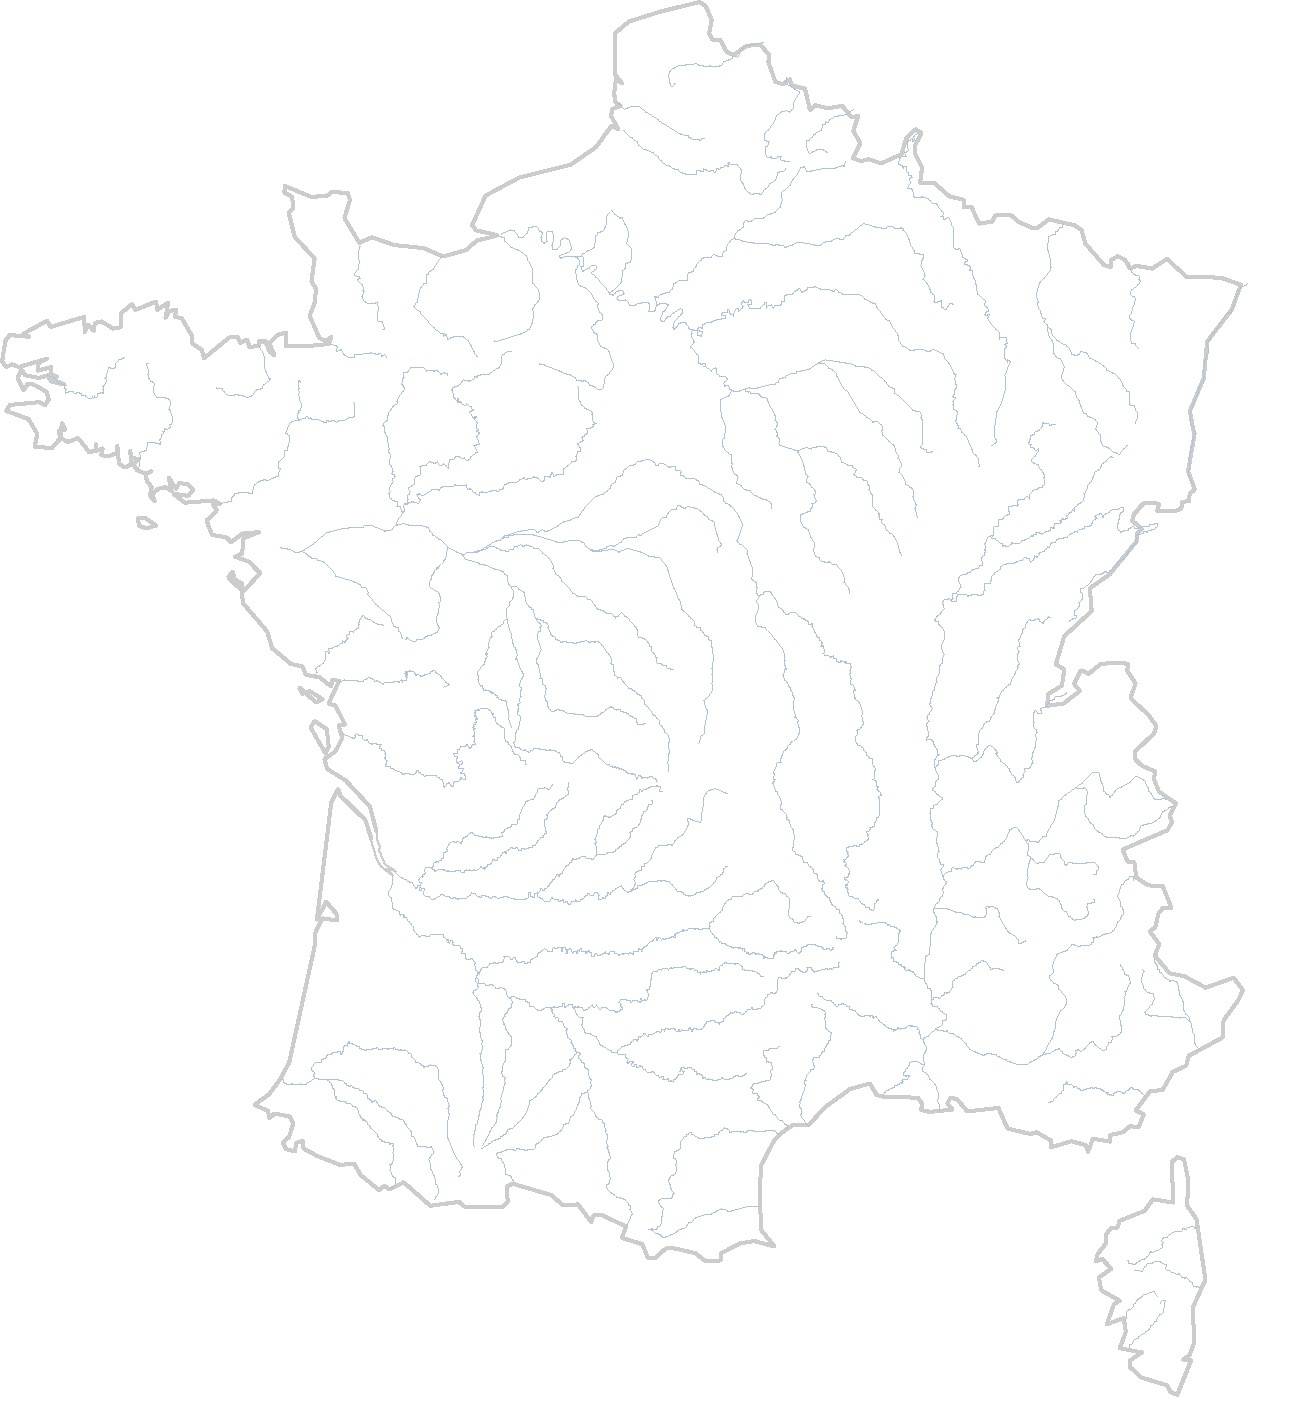 Cartes Muettes De La France À Imprimer - Chroniques dedans Carte Des Fleuves En France